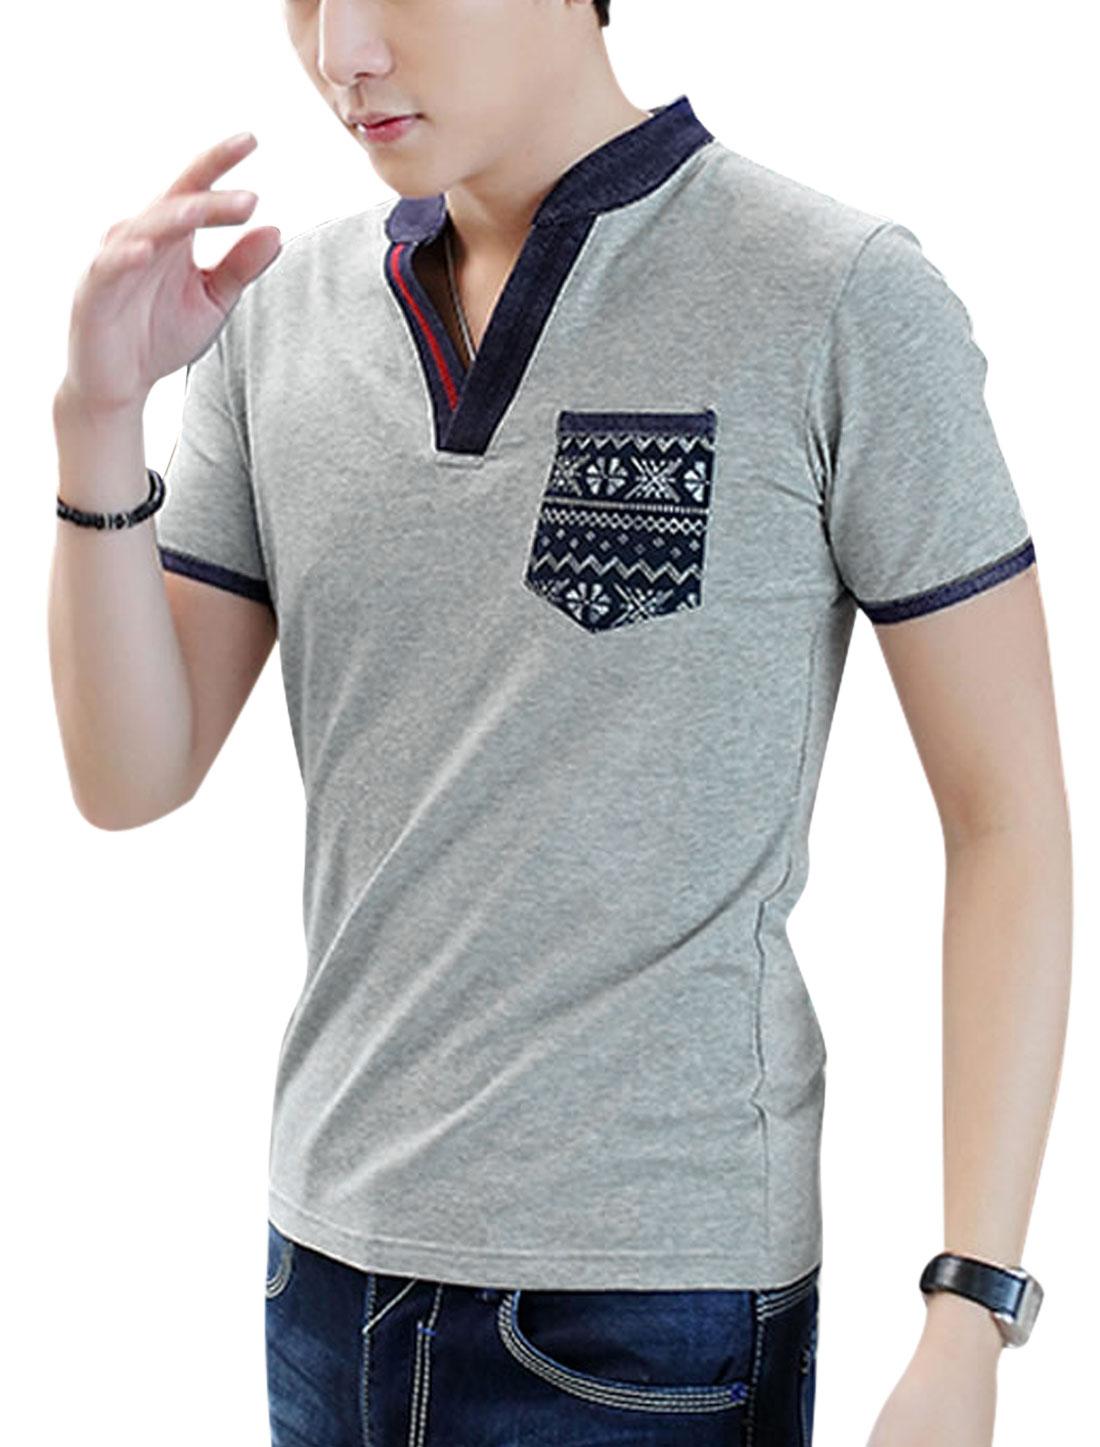 Men Split Neck Short Sleeve Panel Design Leisure T-Shirt Light Gray M